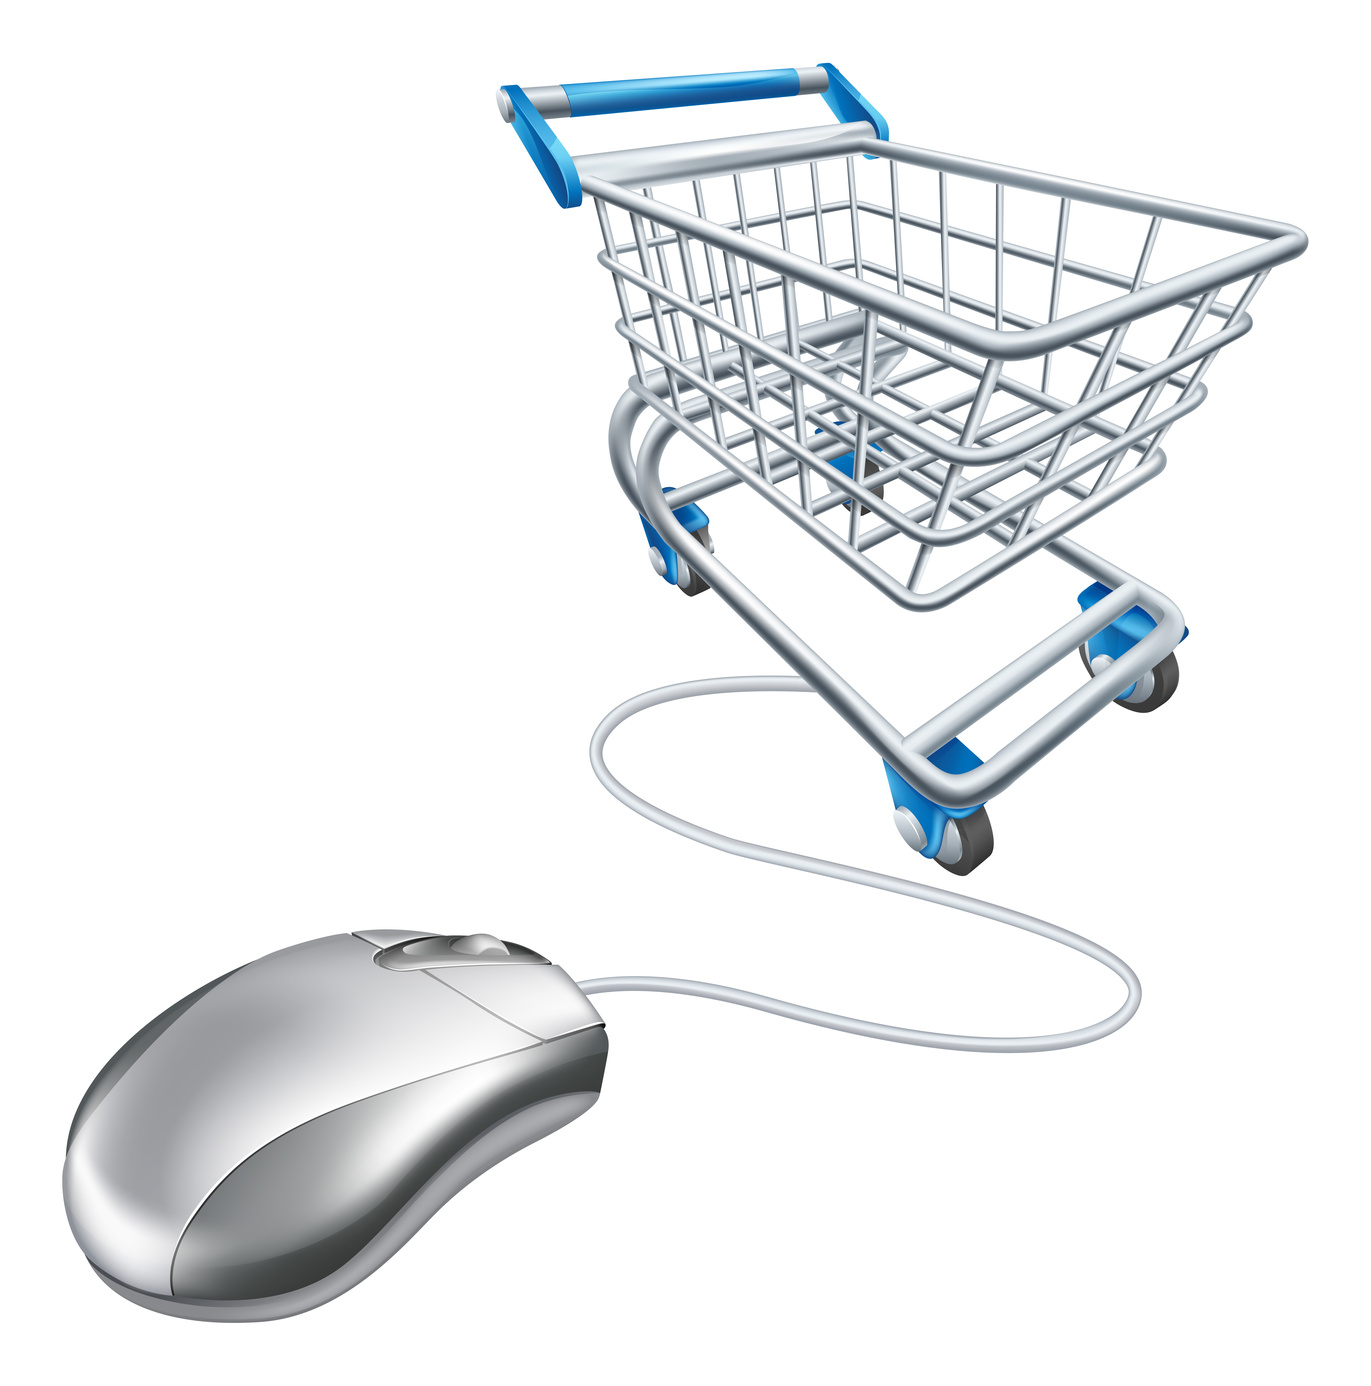 E-sklepy: obsługa i szybkość ważniejsze niż cena